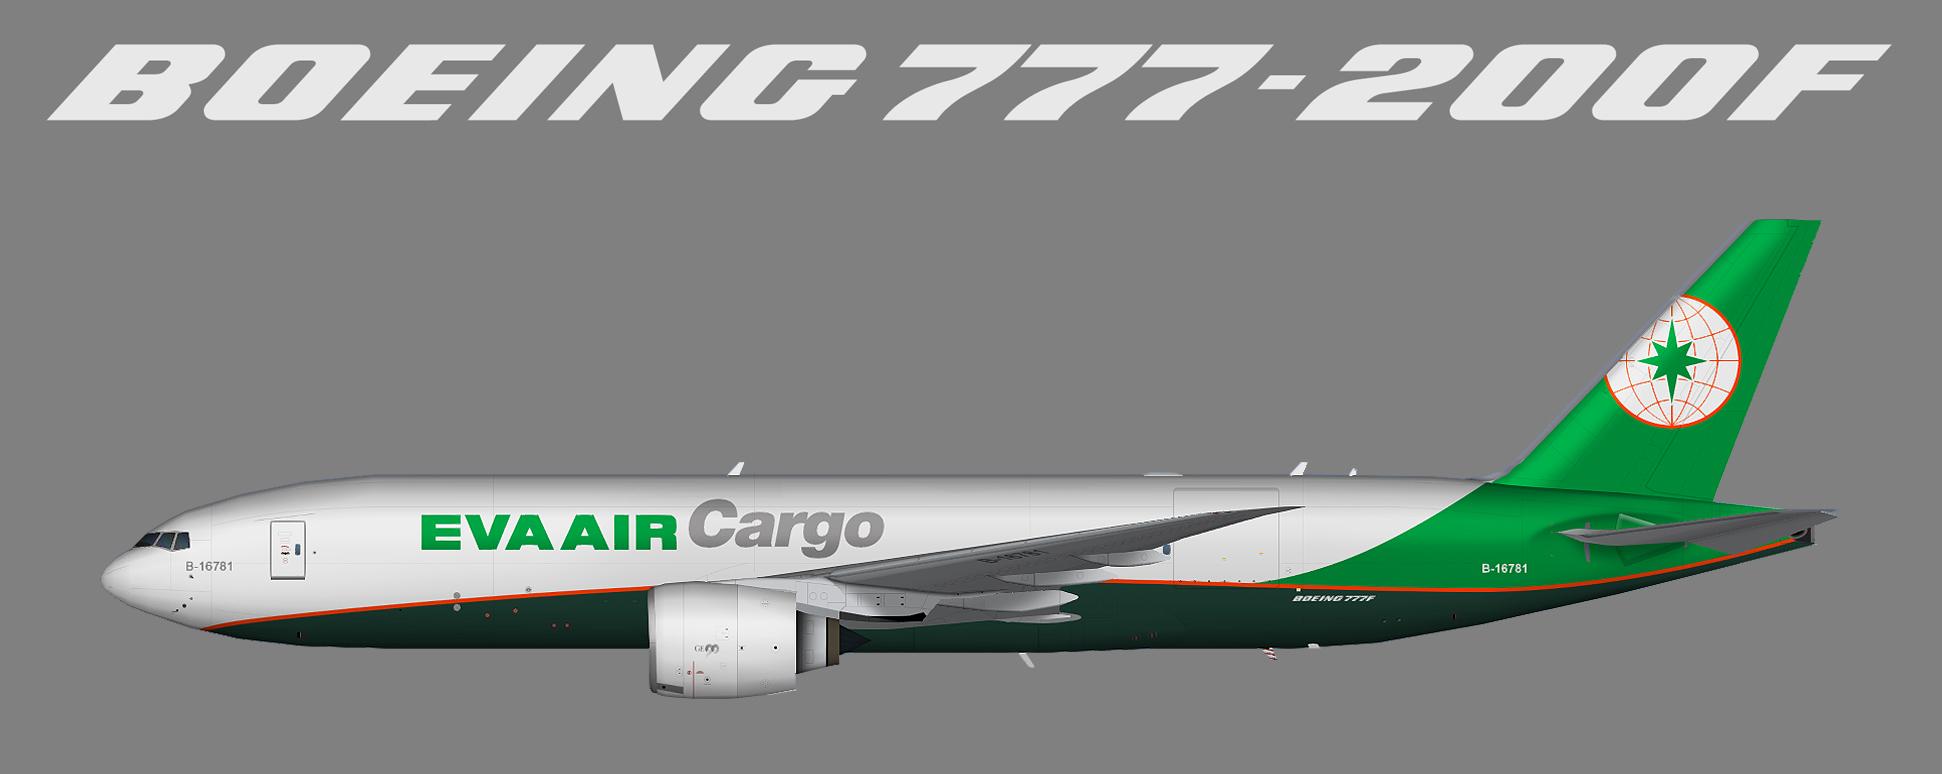 EVA Air Cargo Boeing 777F